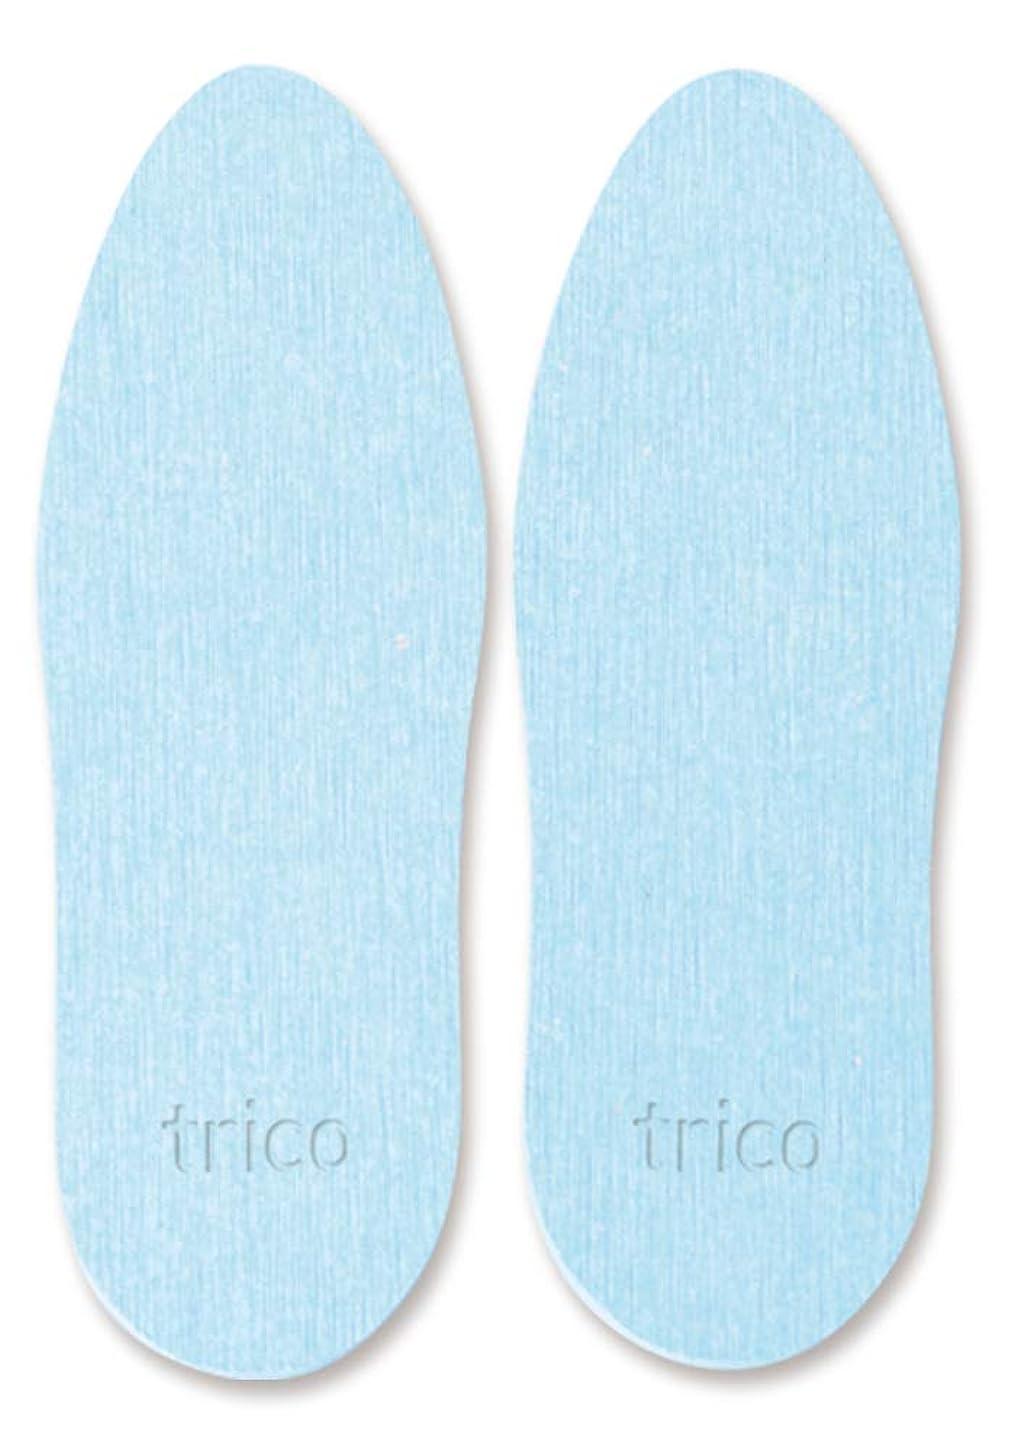 実り多いゼロ顎trico 靴の消臭 珪藻土 シューズドライプレート ブルー CTZ-18-02